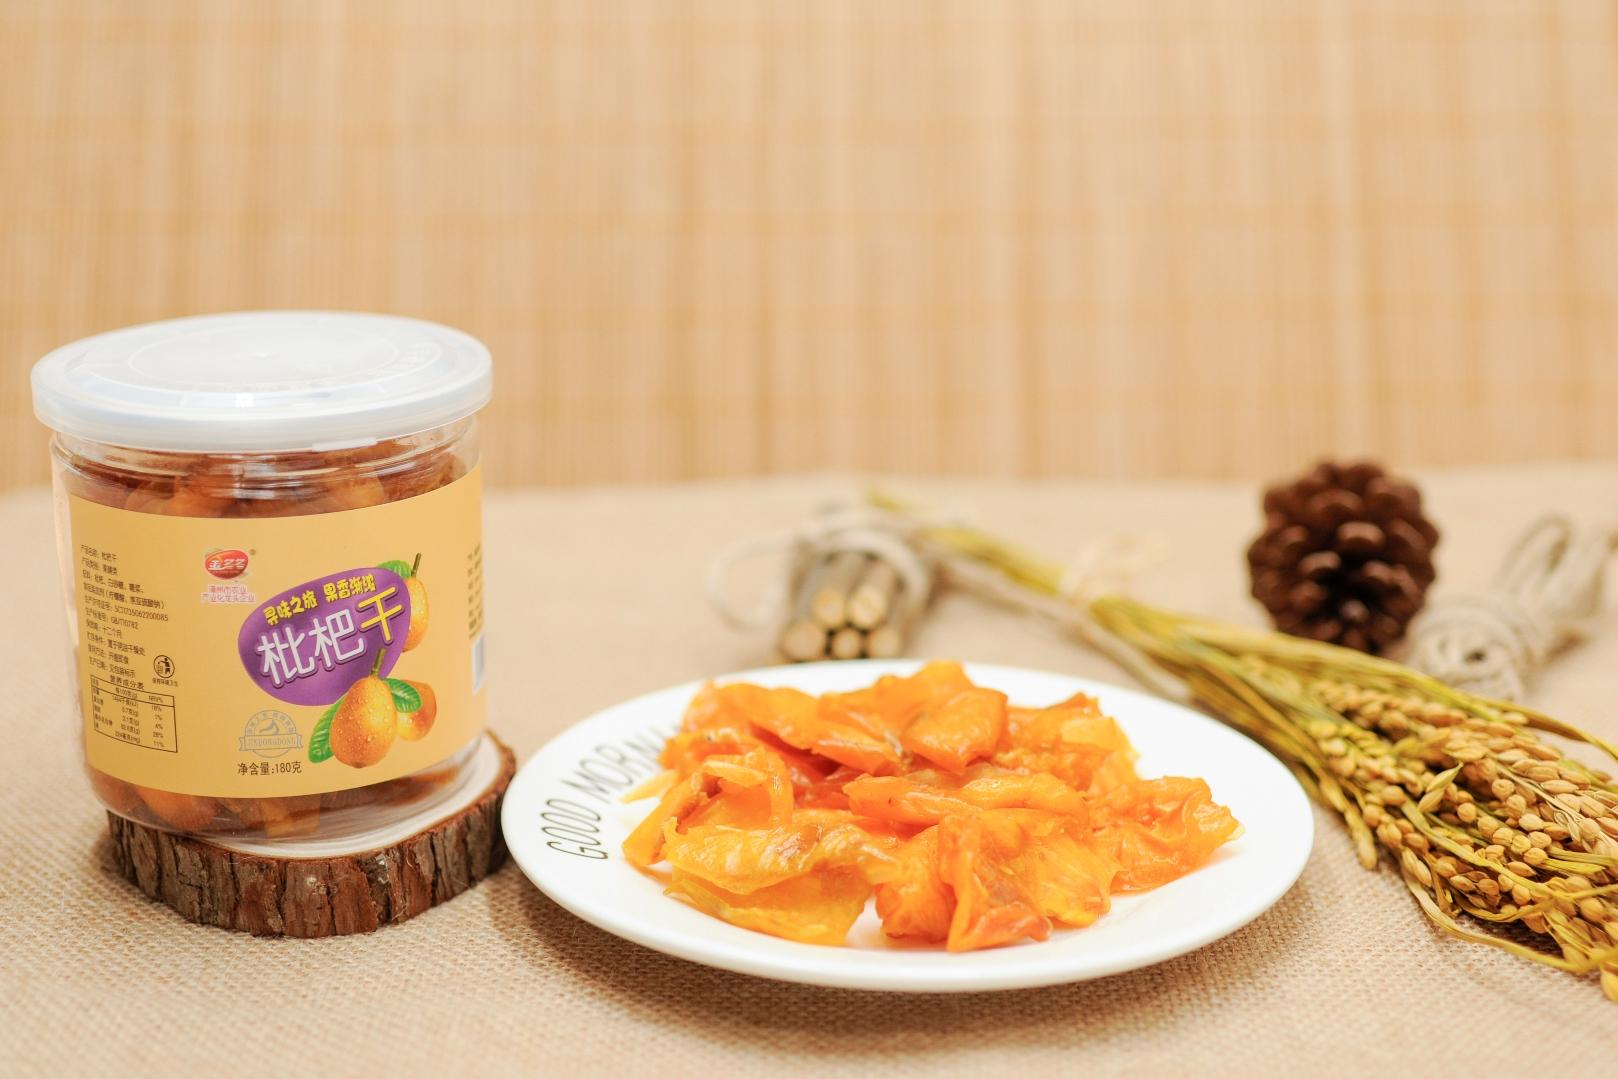 台湾风味 金冬冬含皮枇杷干 蜜饯果脯 办公室零食小吃 180g罐